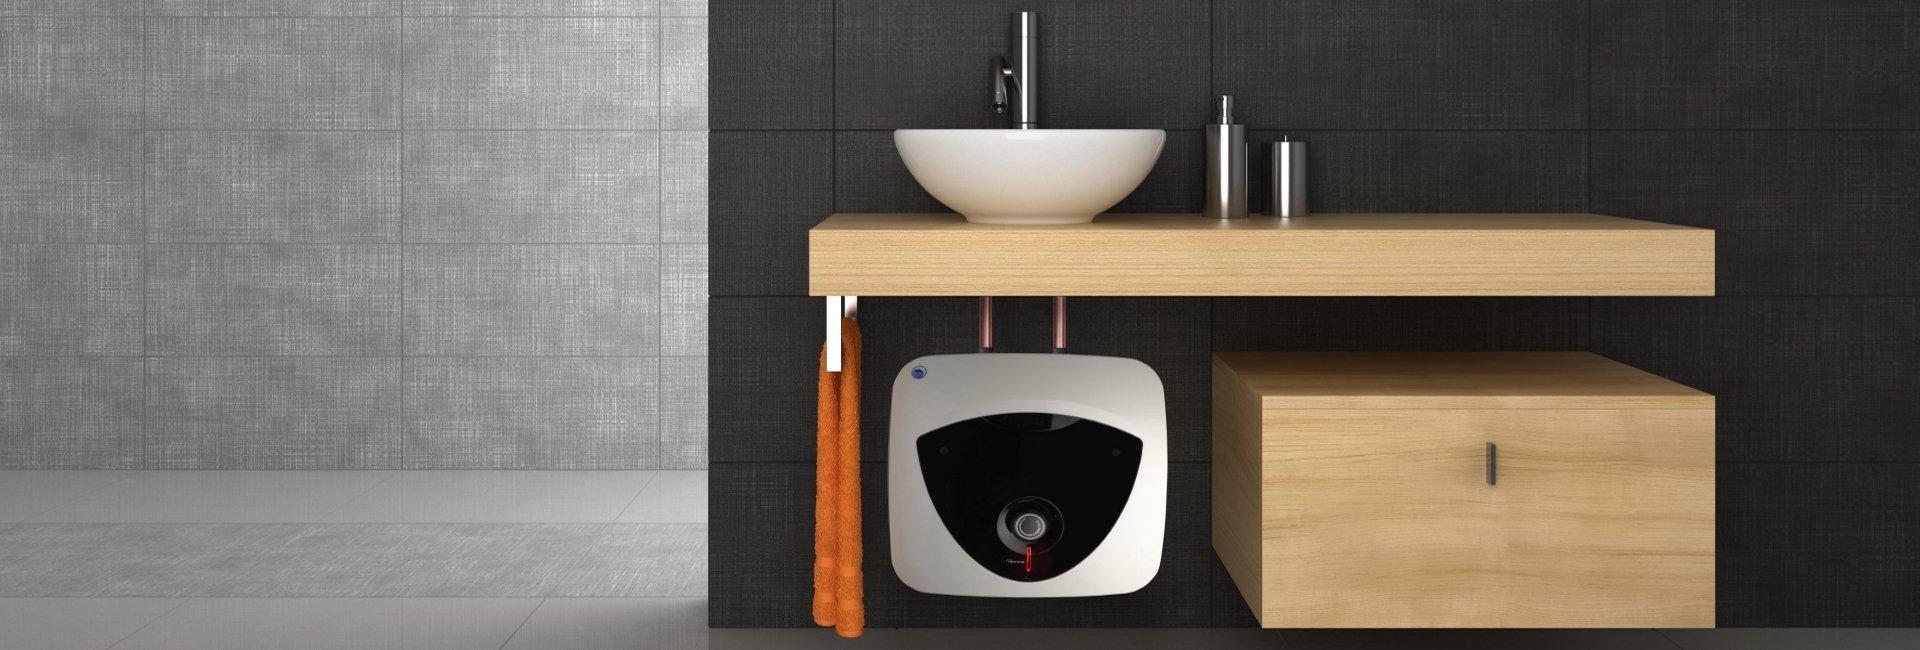 6 best under sink water heaters